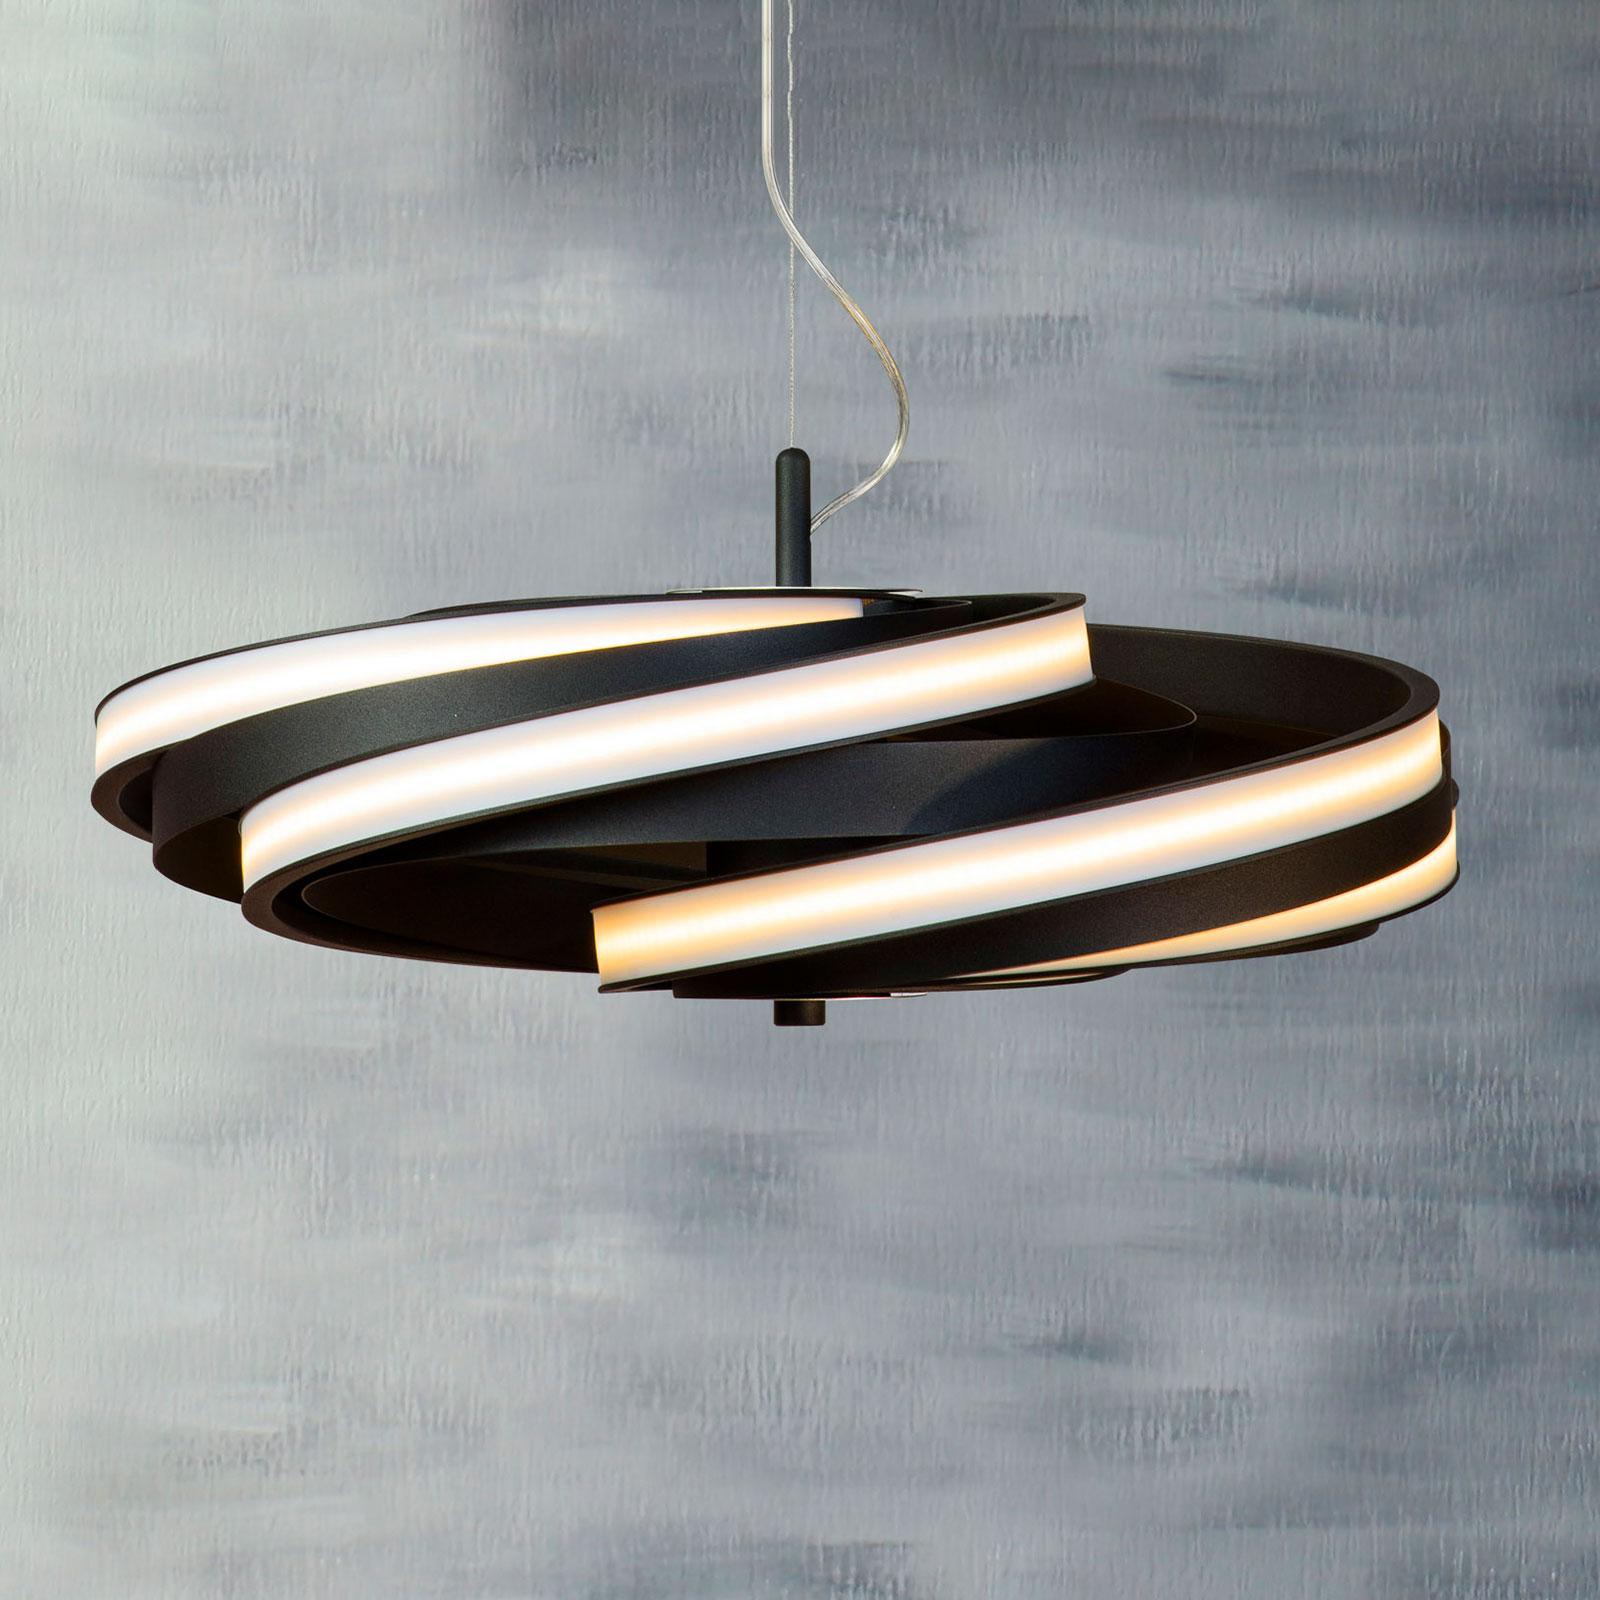 LED hanglamp Zoya in mat zwart